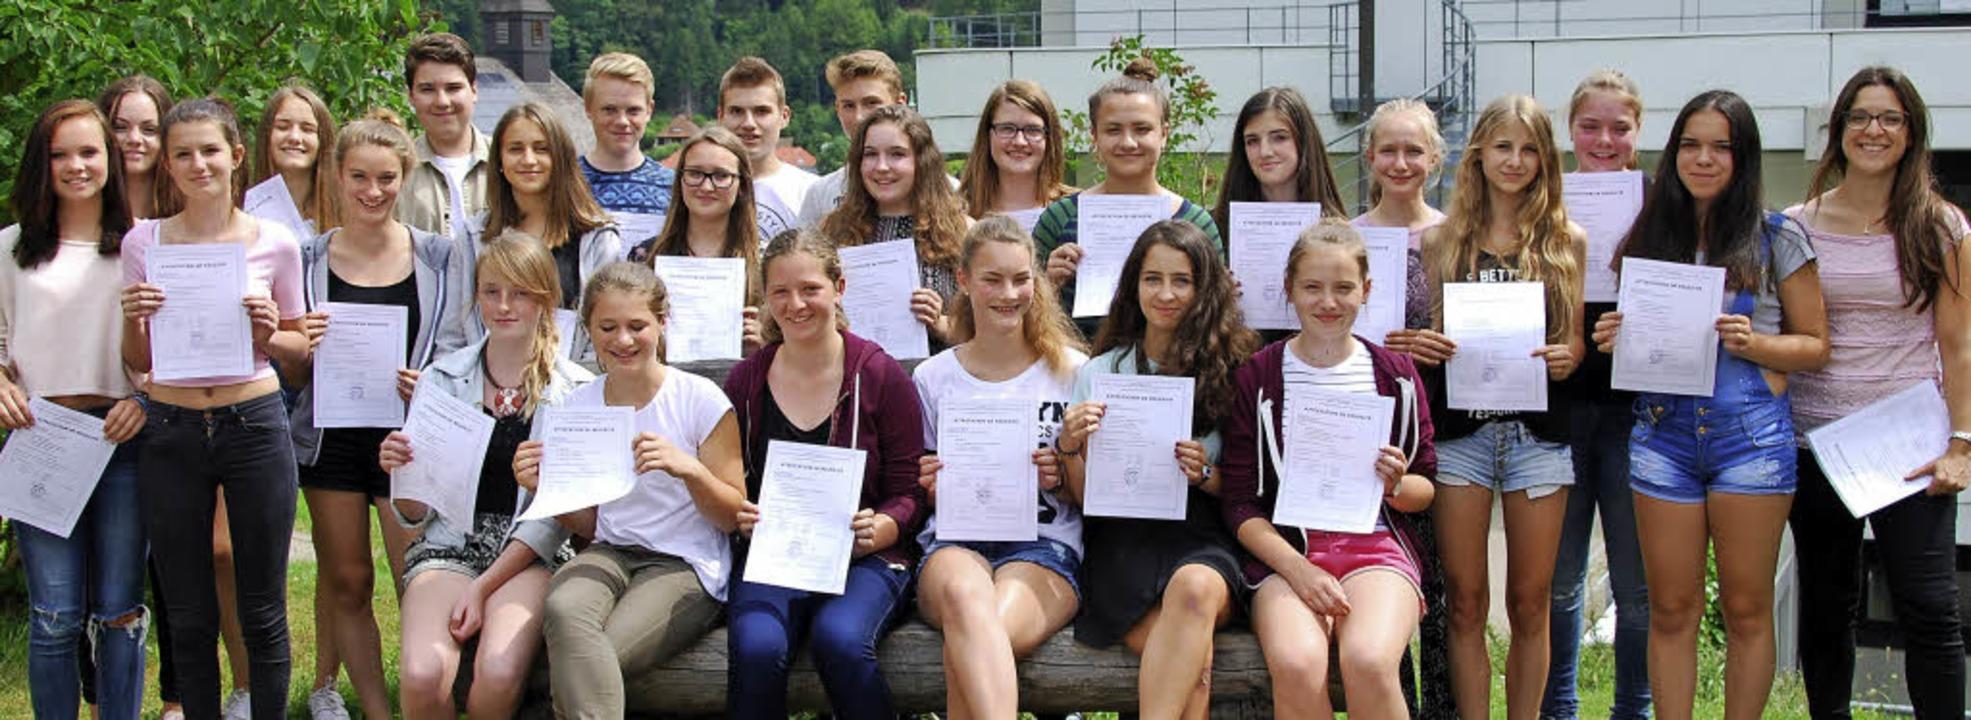 26 Schüler der Fürstabt-Gerbert-Schule...l anerkannte DELF-Prüfung vorbereitet.  | Foto: Privat